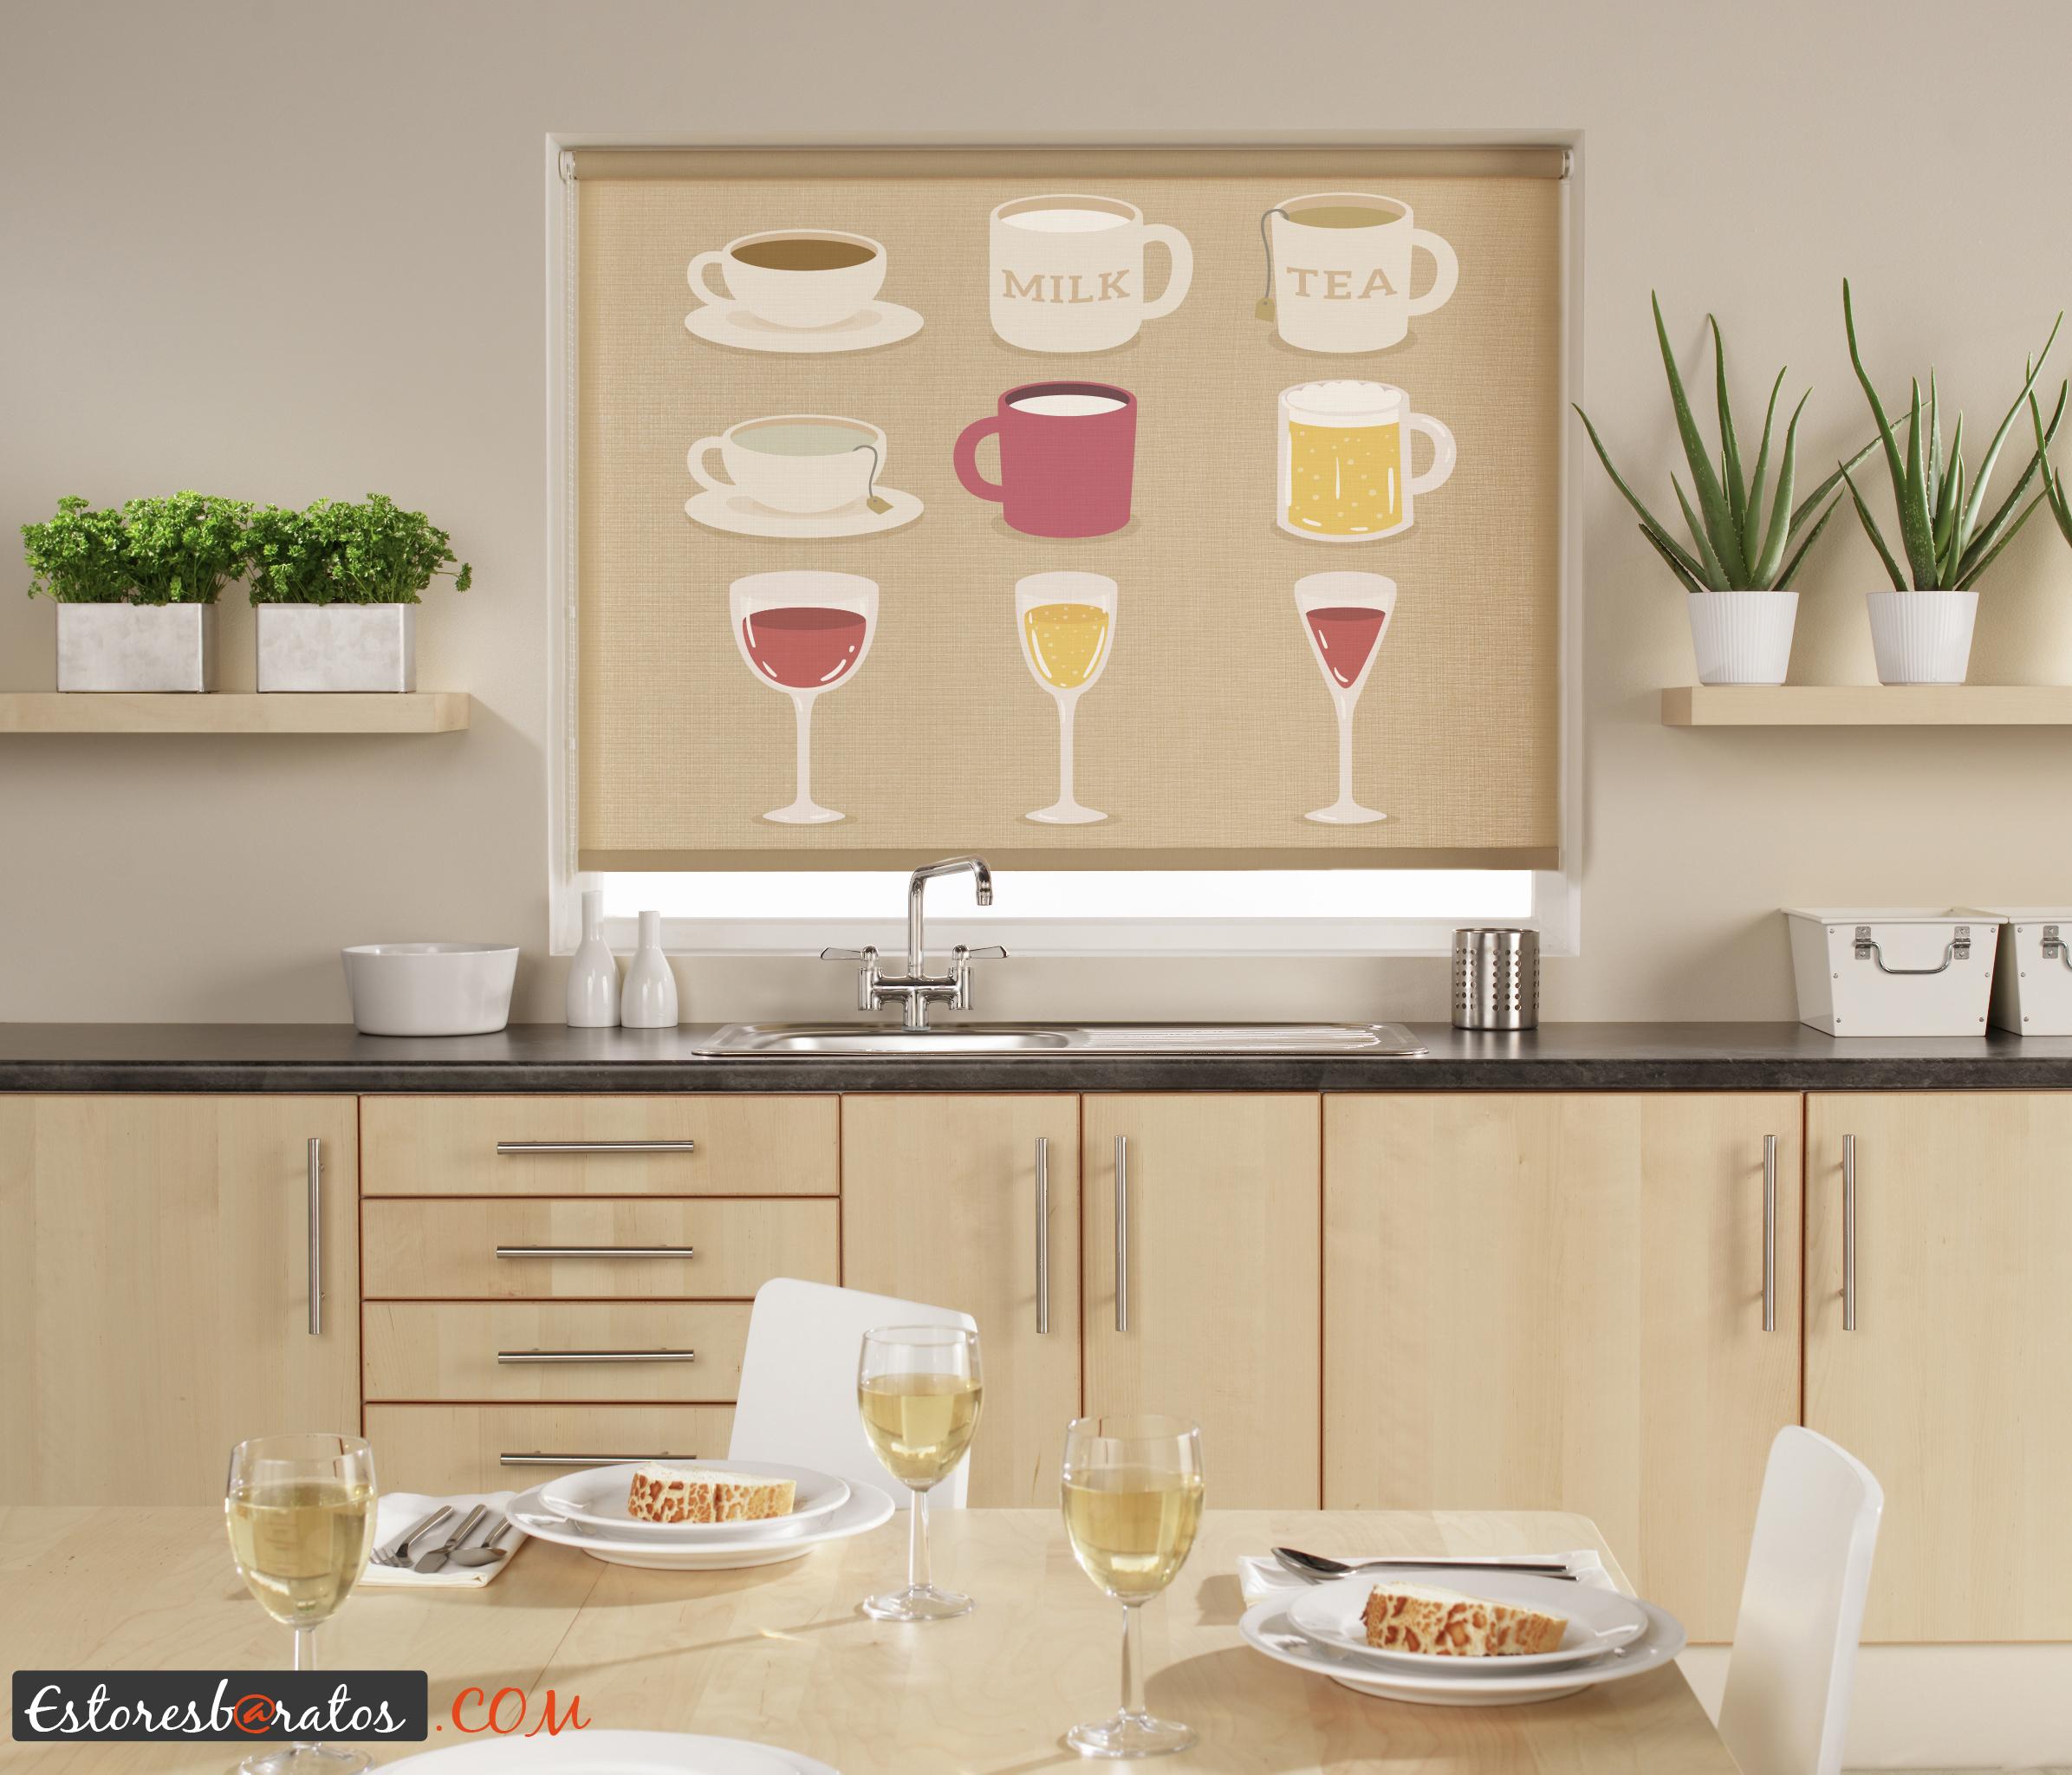 Personalizar tus estancias con estores a medida blog for Estores cocina modernos